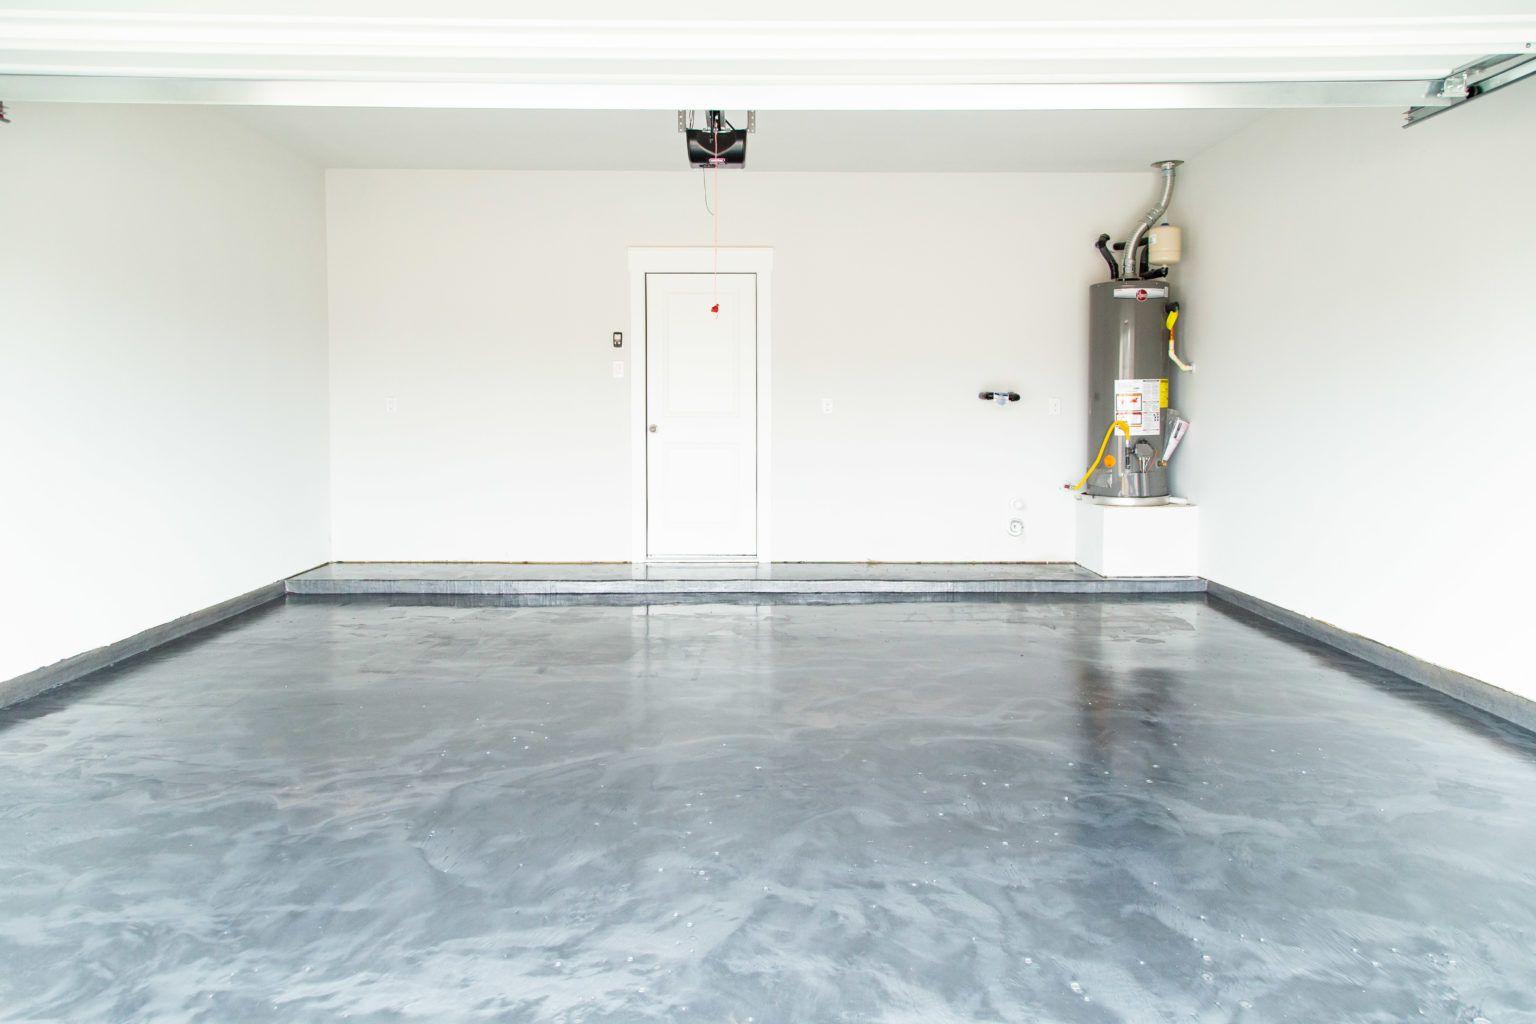 Garage With Epoxy Floor Coating In 2020 Garage Floor Coatings Garage Floor Epoxy Floor Diy